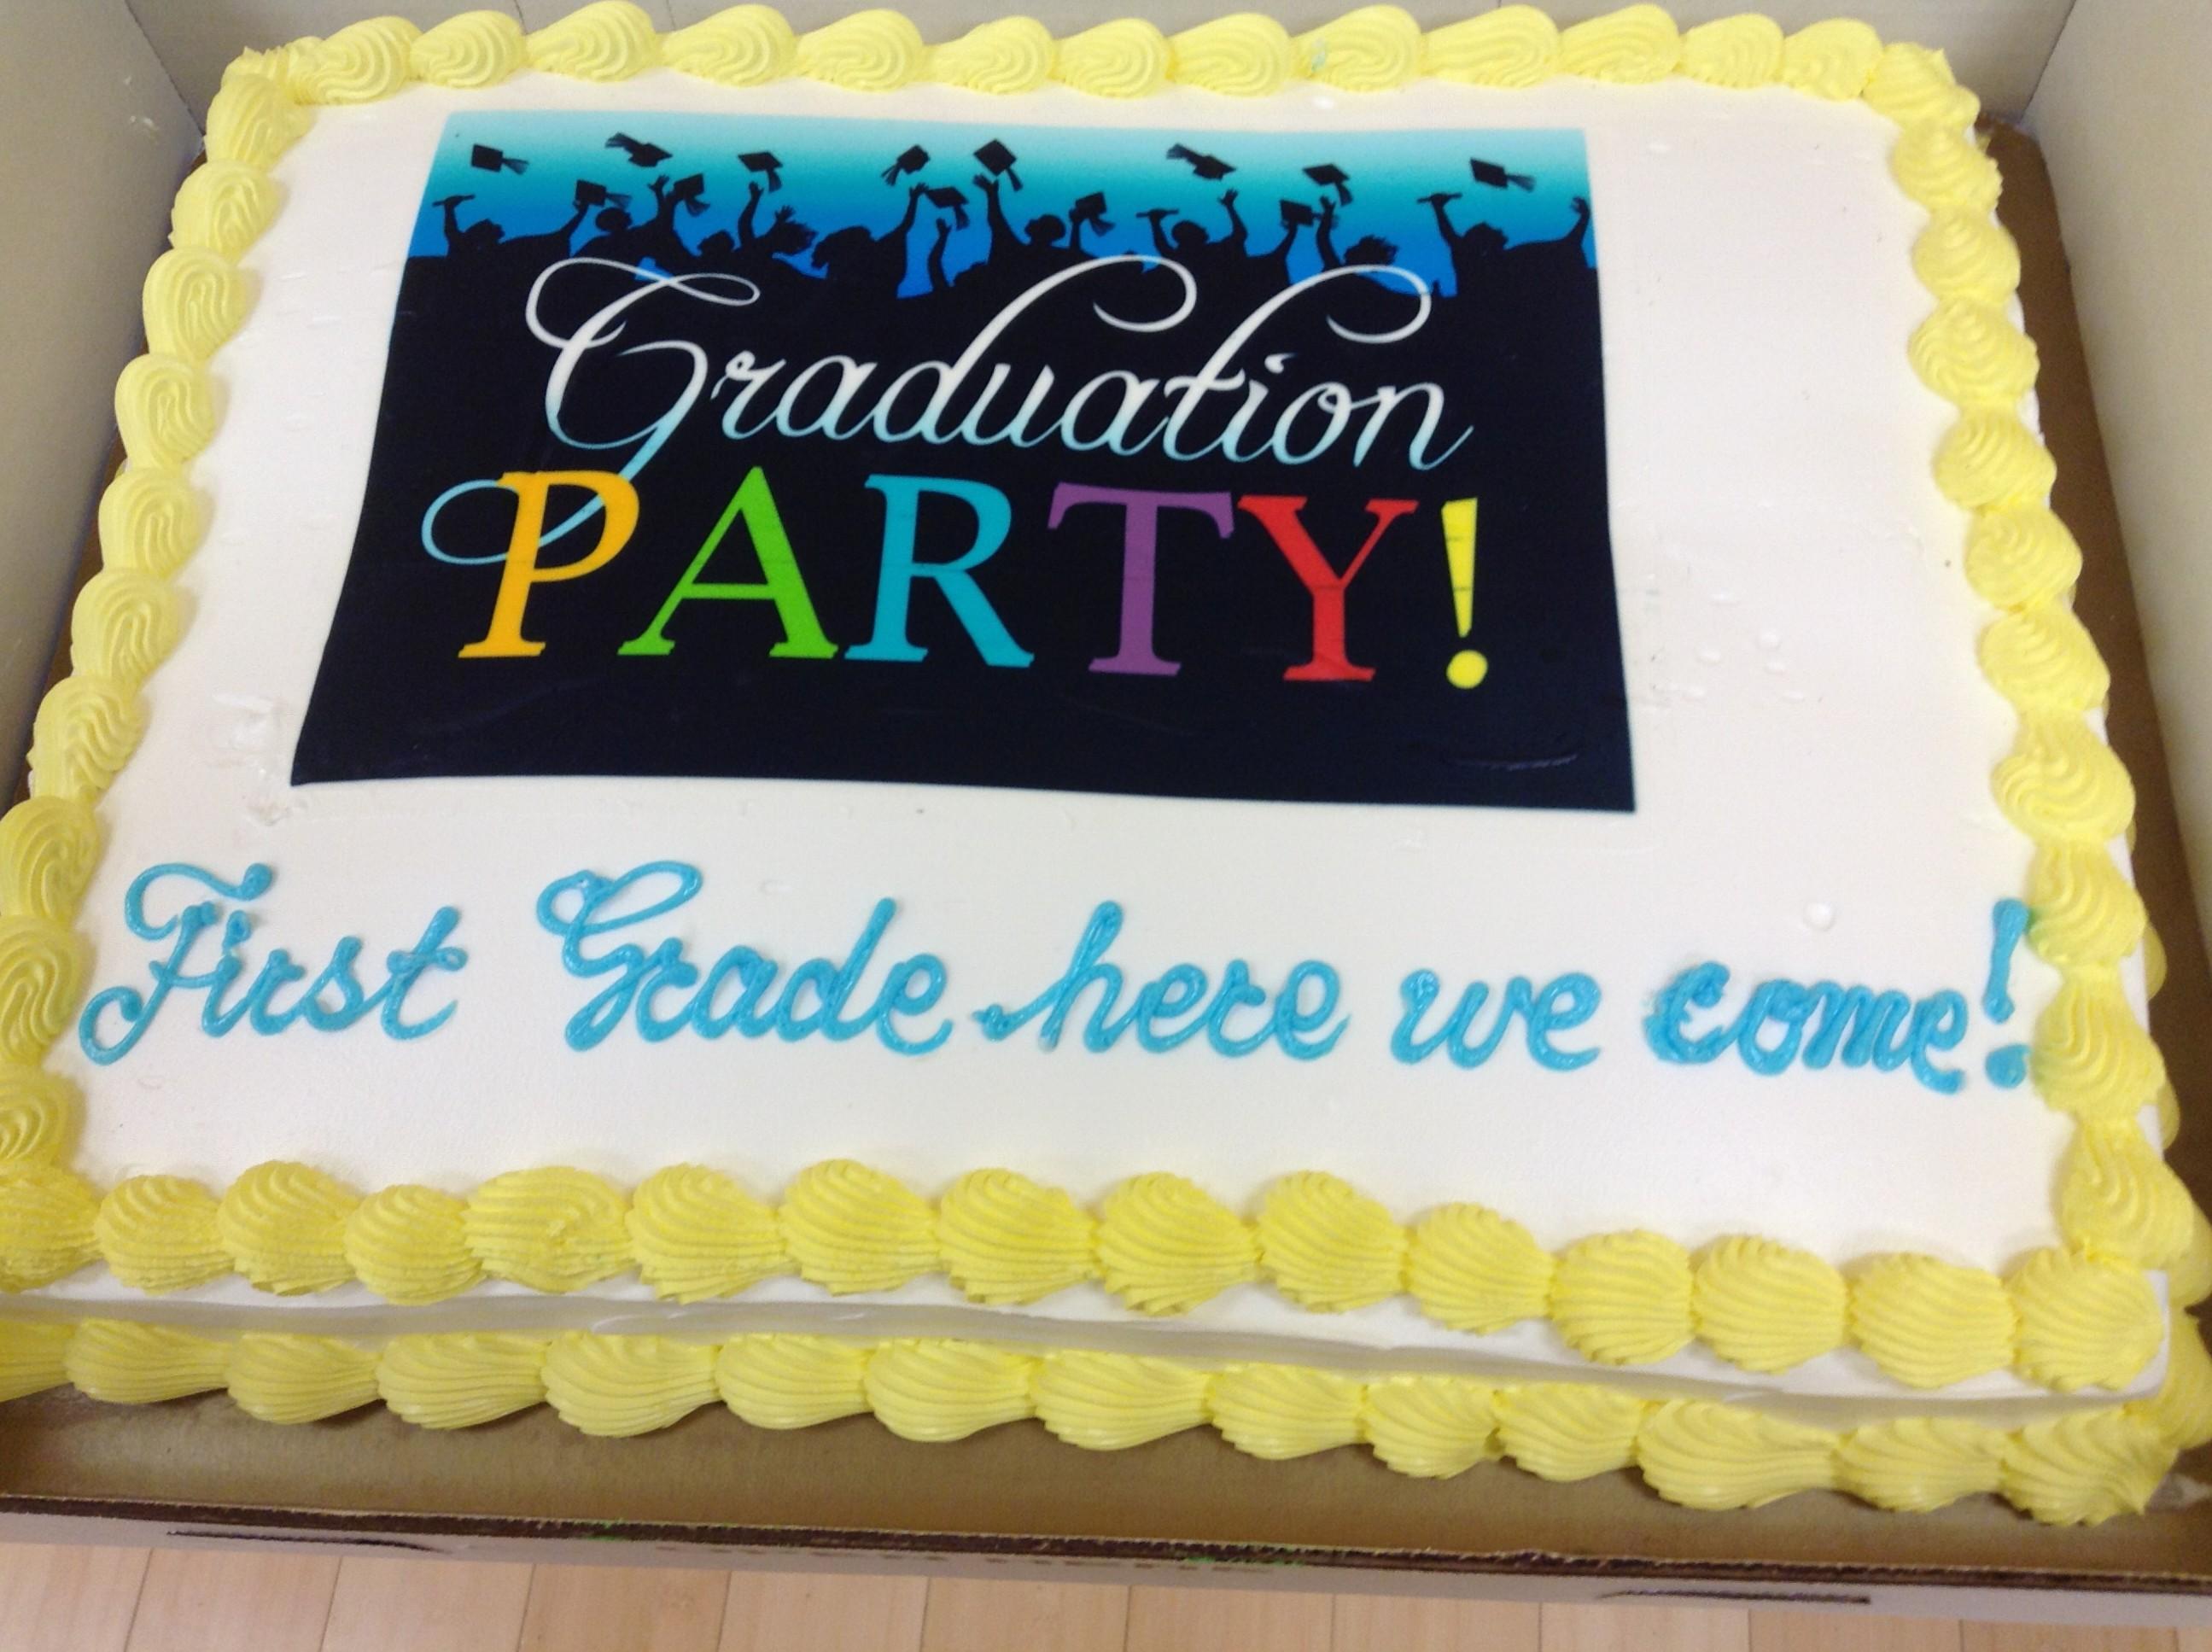 Fairfax Cake Show